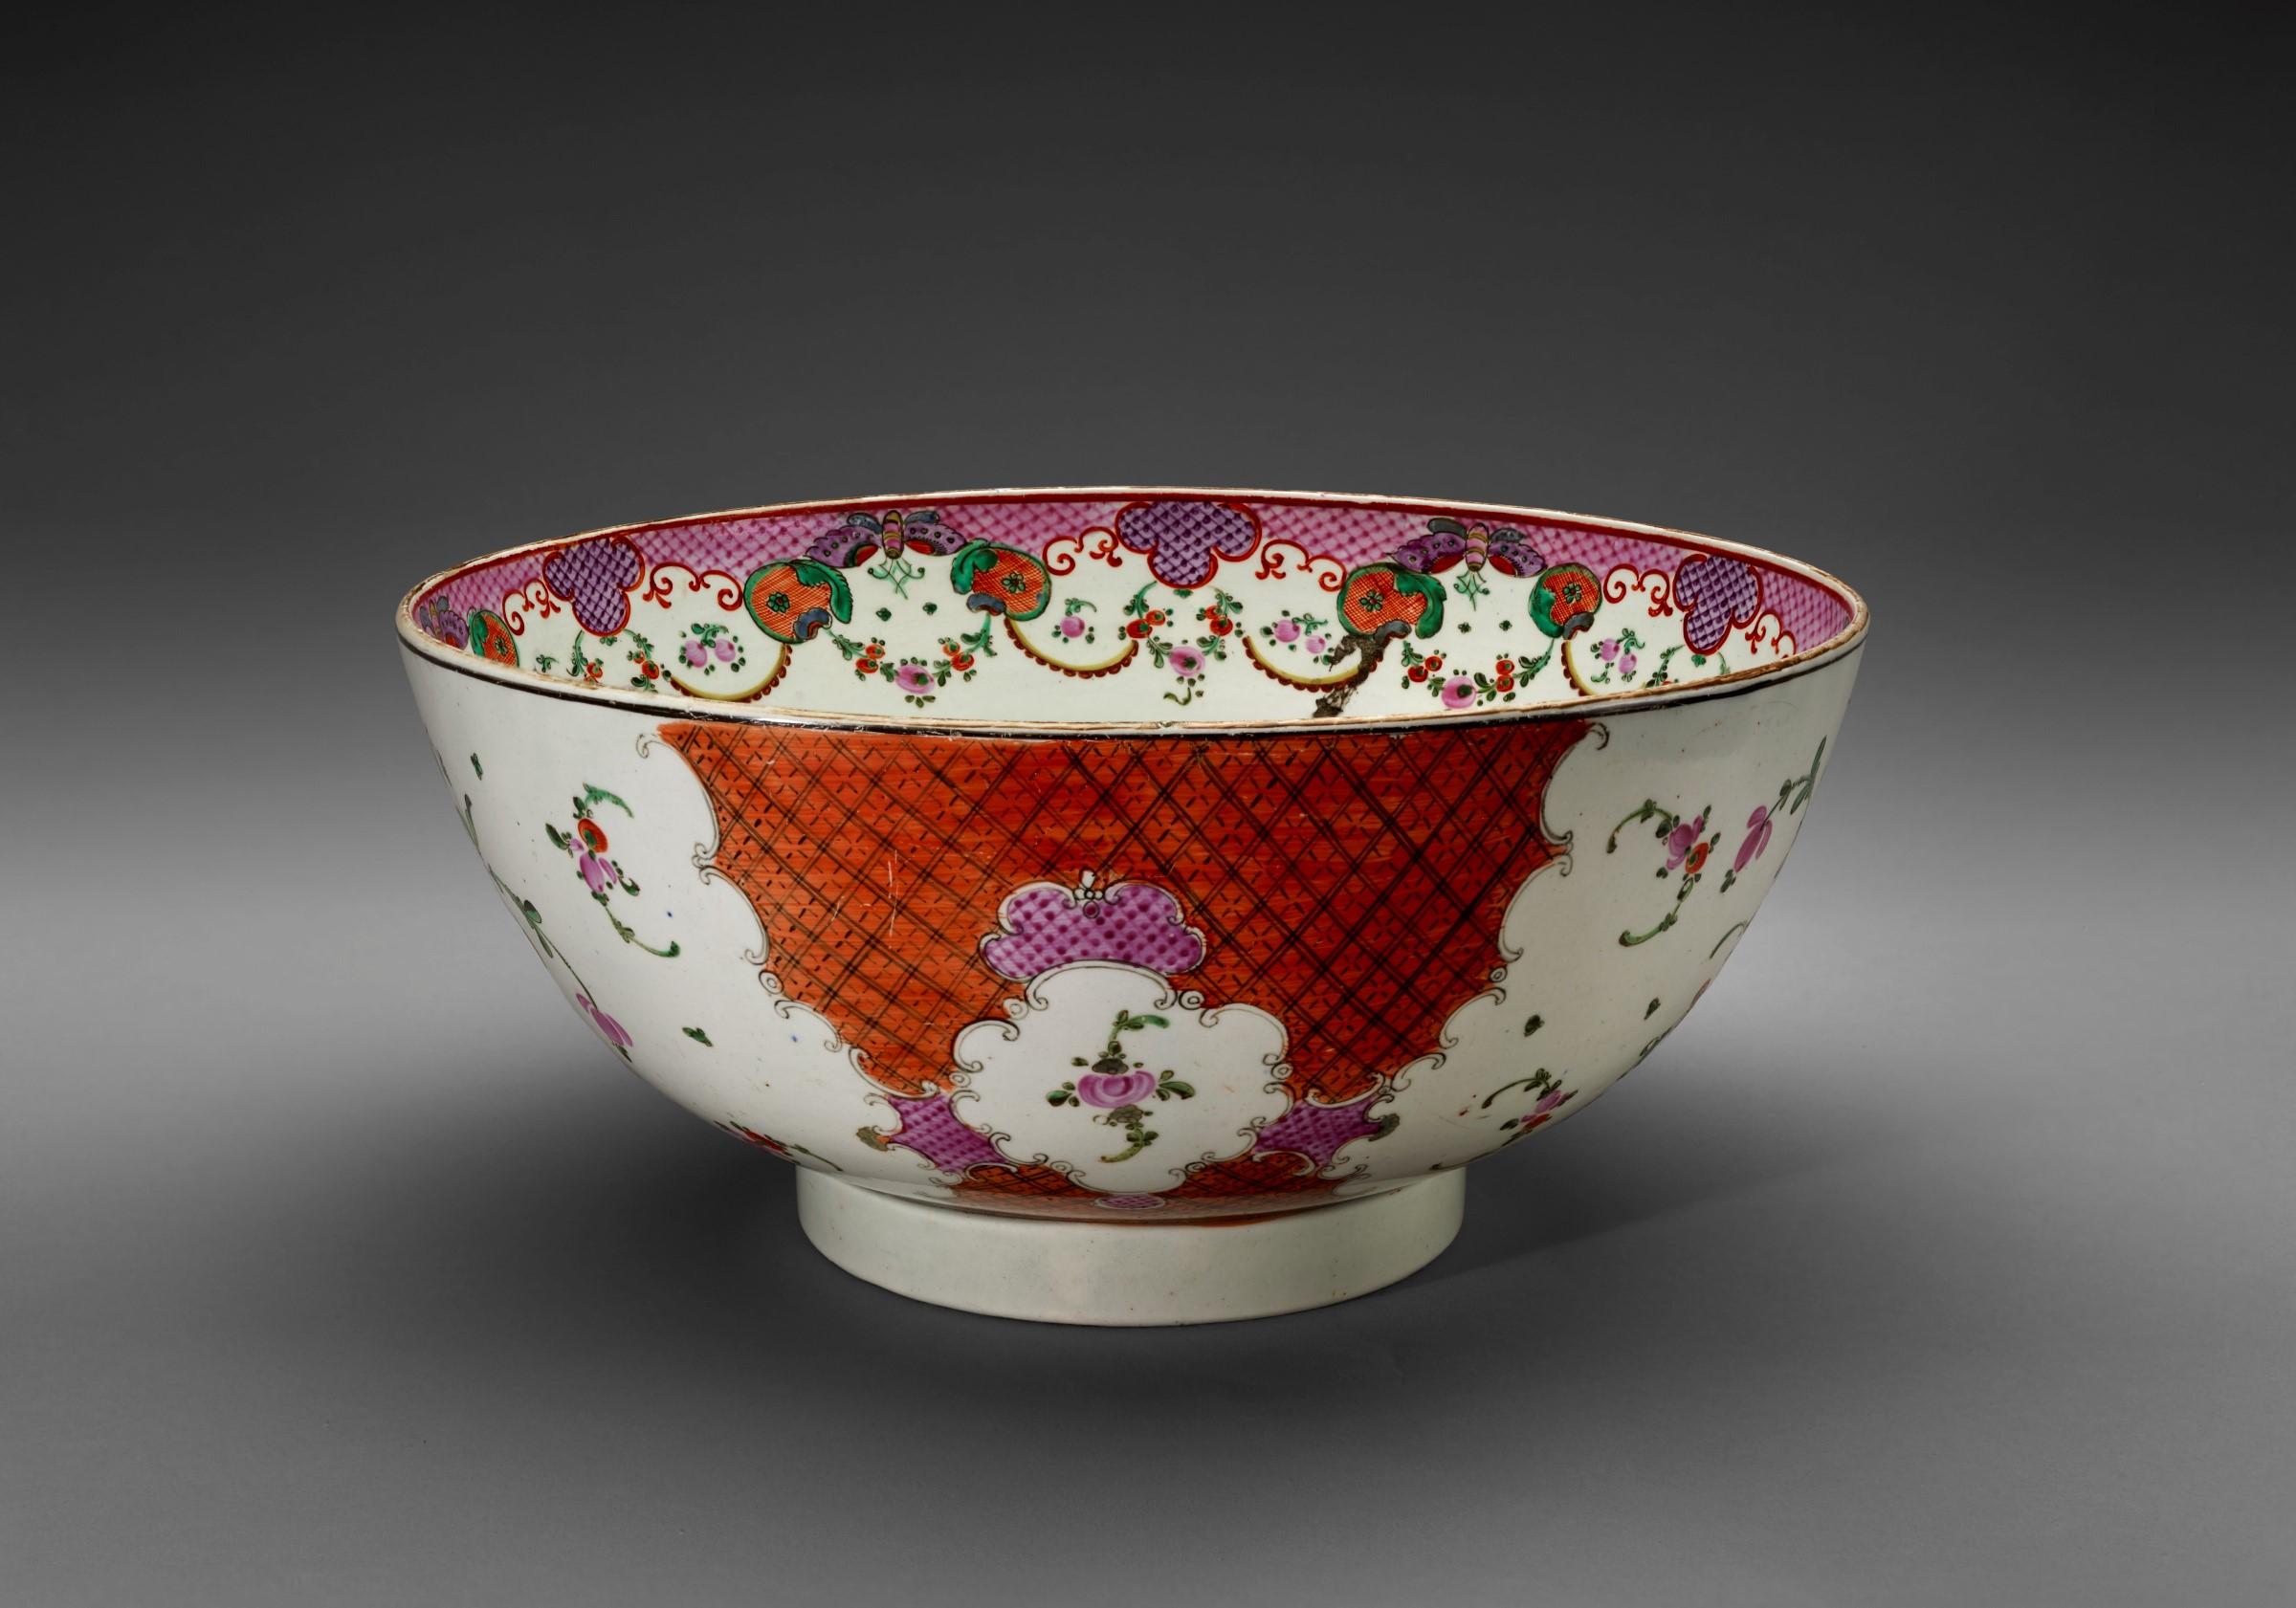 FOR BLOG ONLY - judas bowl, exterior